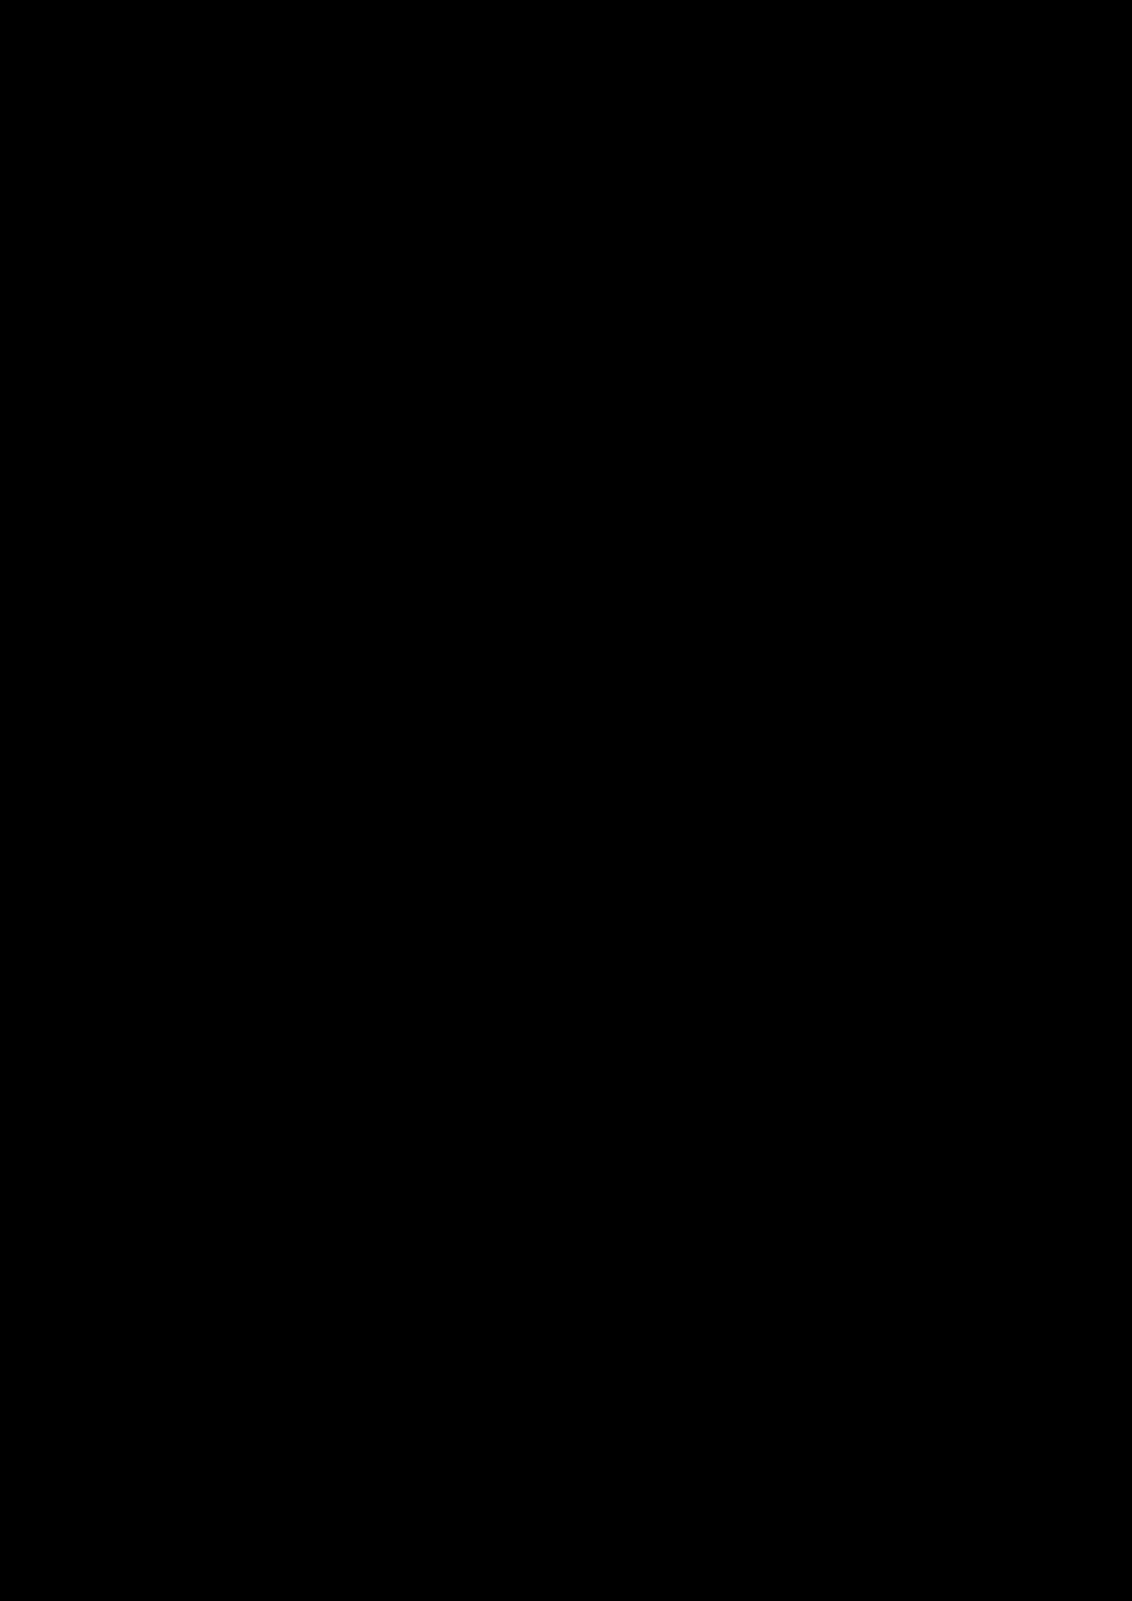 Zagadka volshebnoy stranyi slide, Image 51